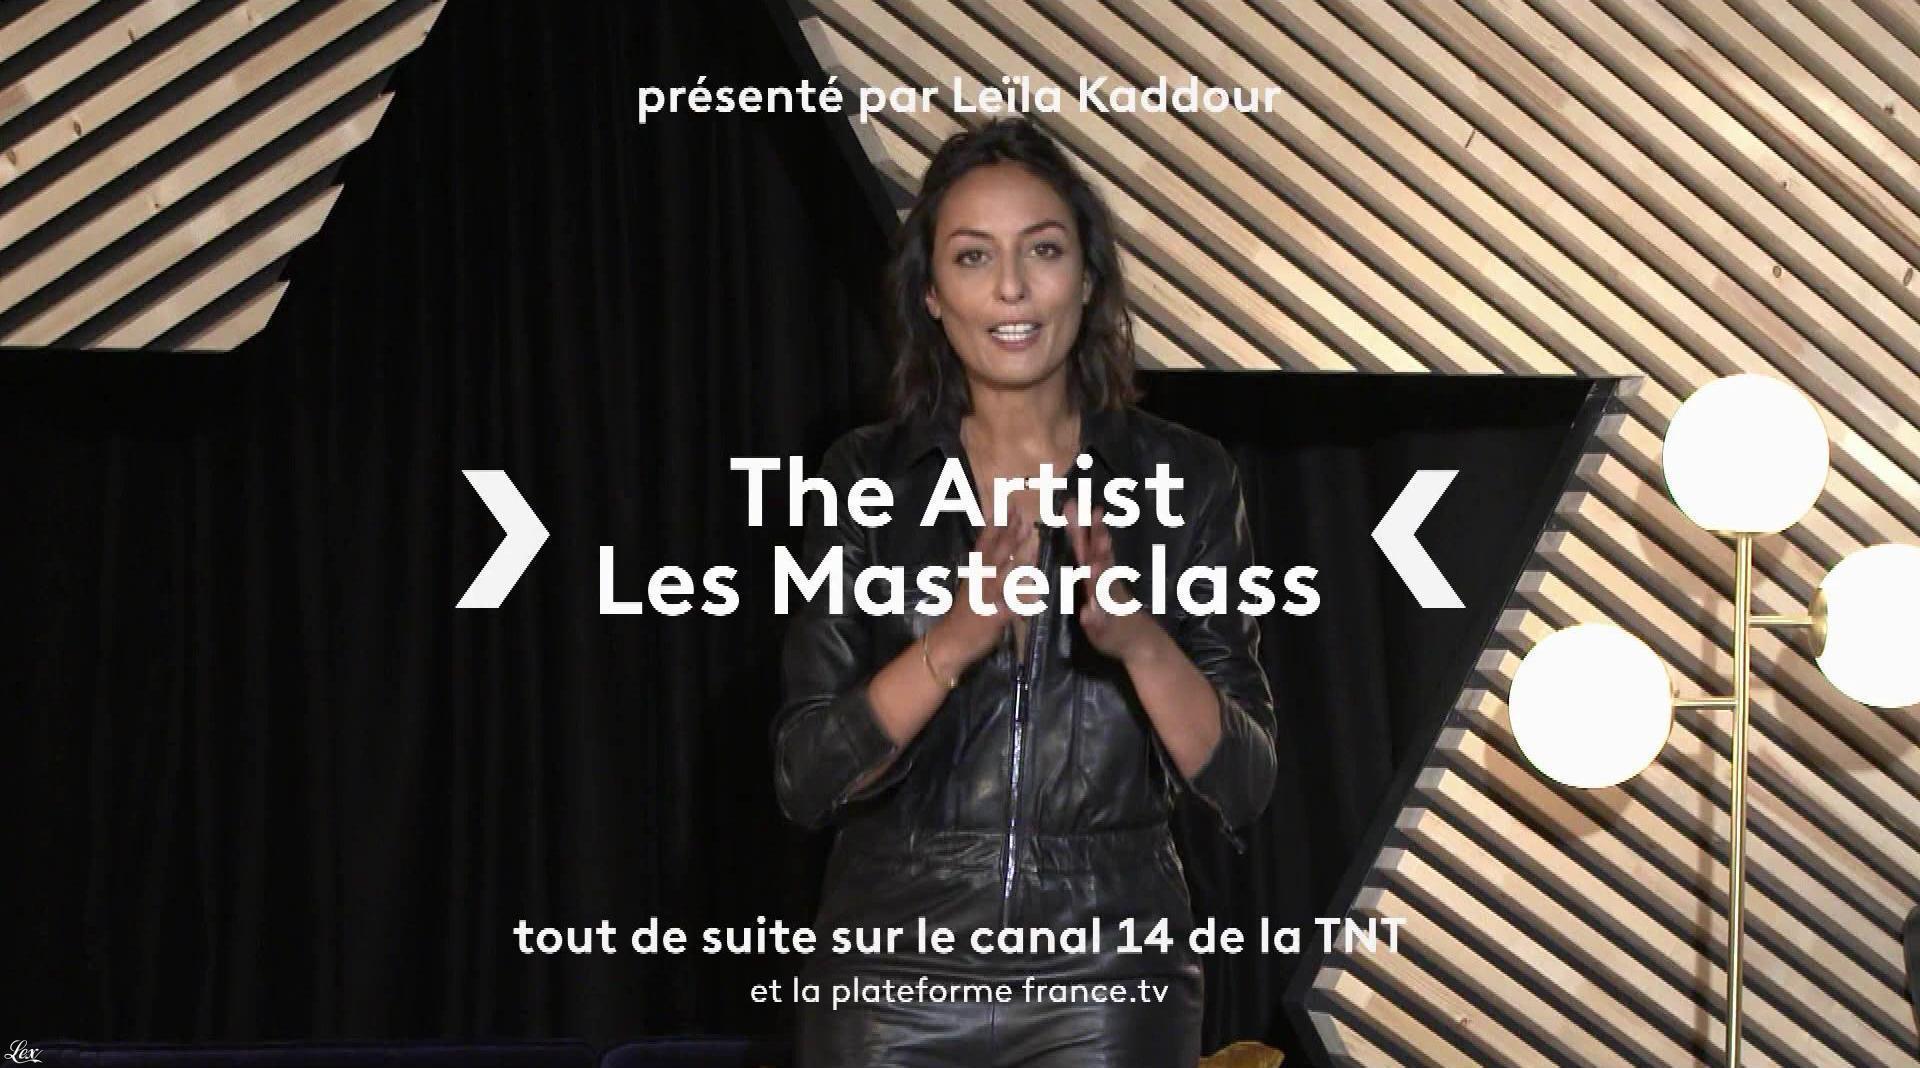 Leïla Kaddour dans The Artist les Masterclass. Diffusé à la télévision le 13/09/21.